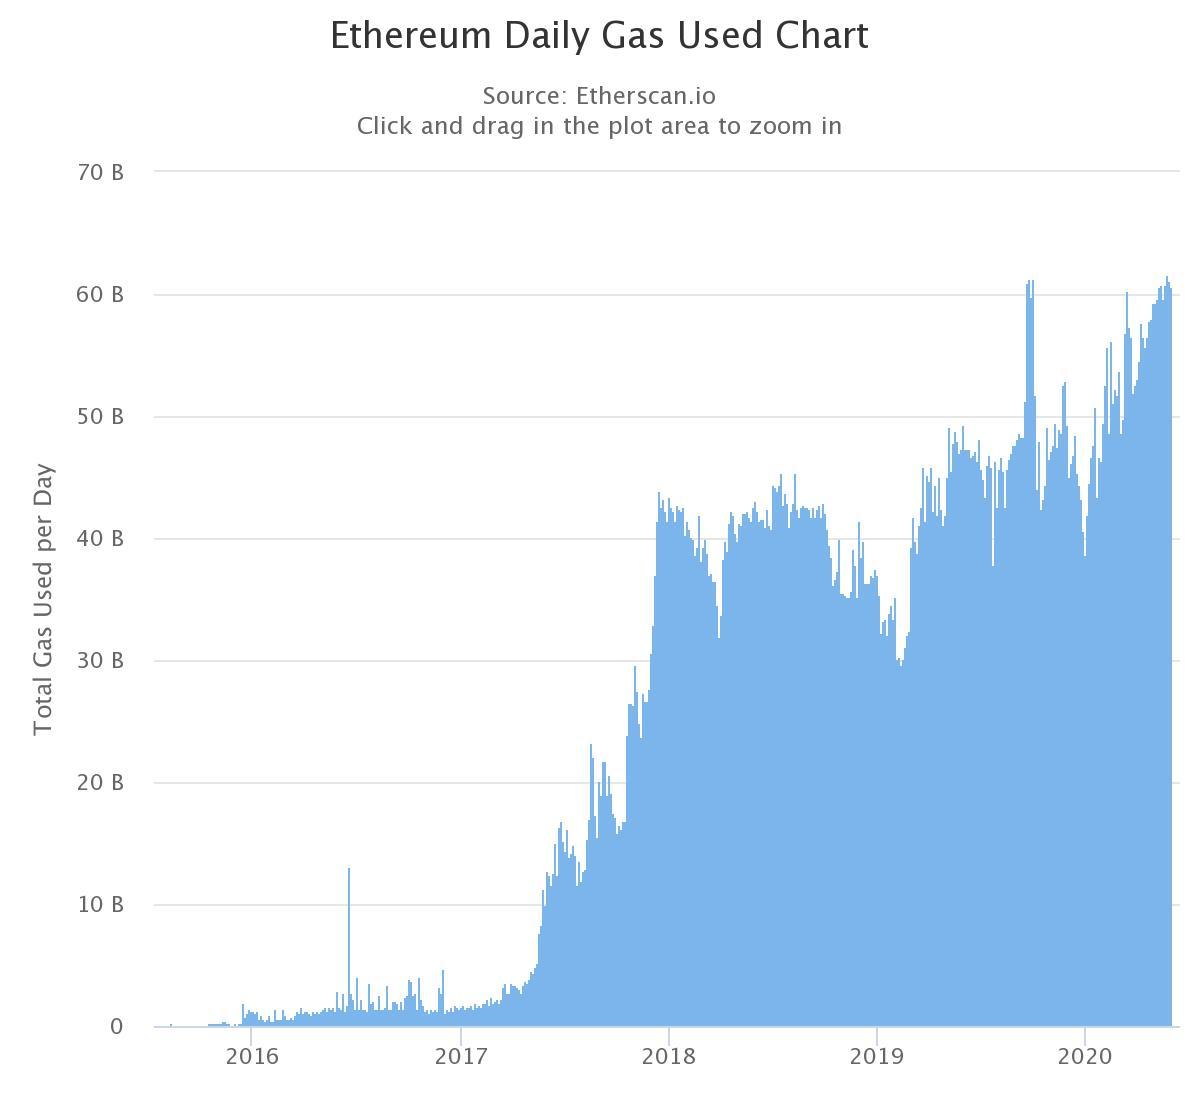 Gráfica diaria del uso de gas en Ethereum. El aumento de este indicador ha sido tomado como un indicio de que ETH está infravalorado, según Blockfyre. Fuente: Etherscan